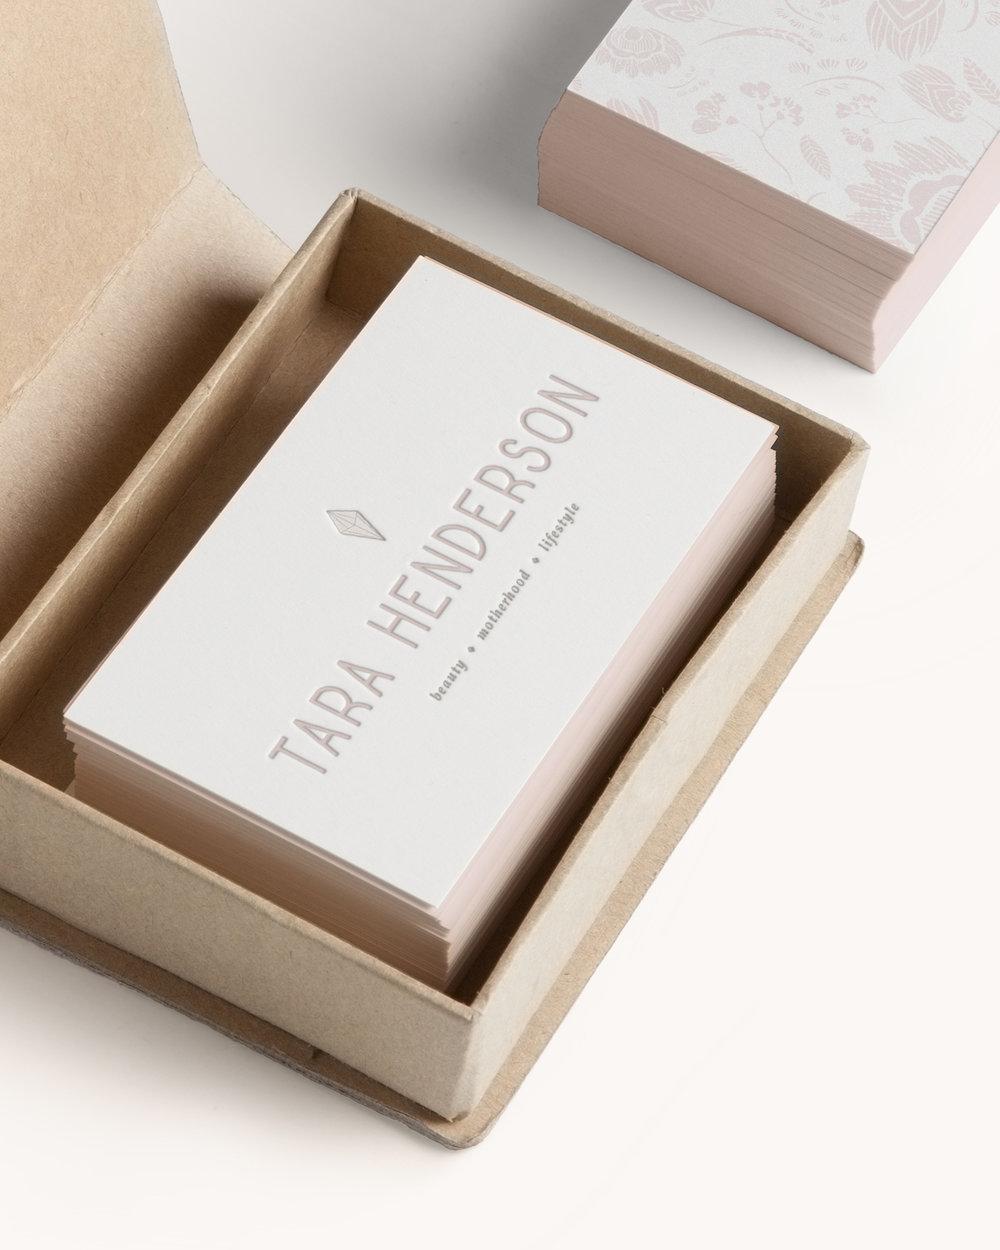 Tara Henderson brand identity + youtube branding | Reux Design Co.